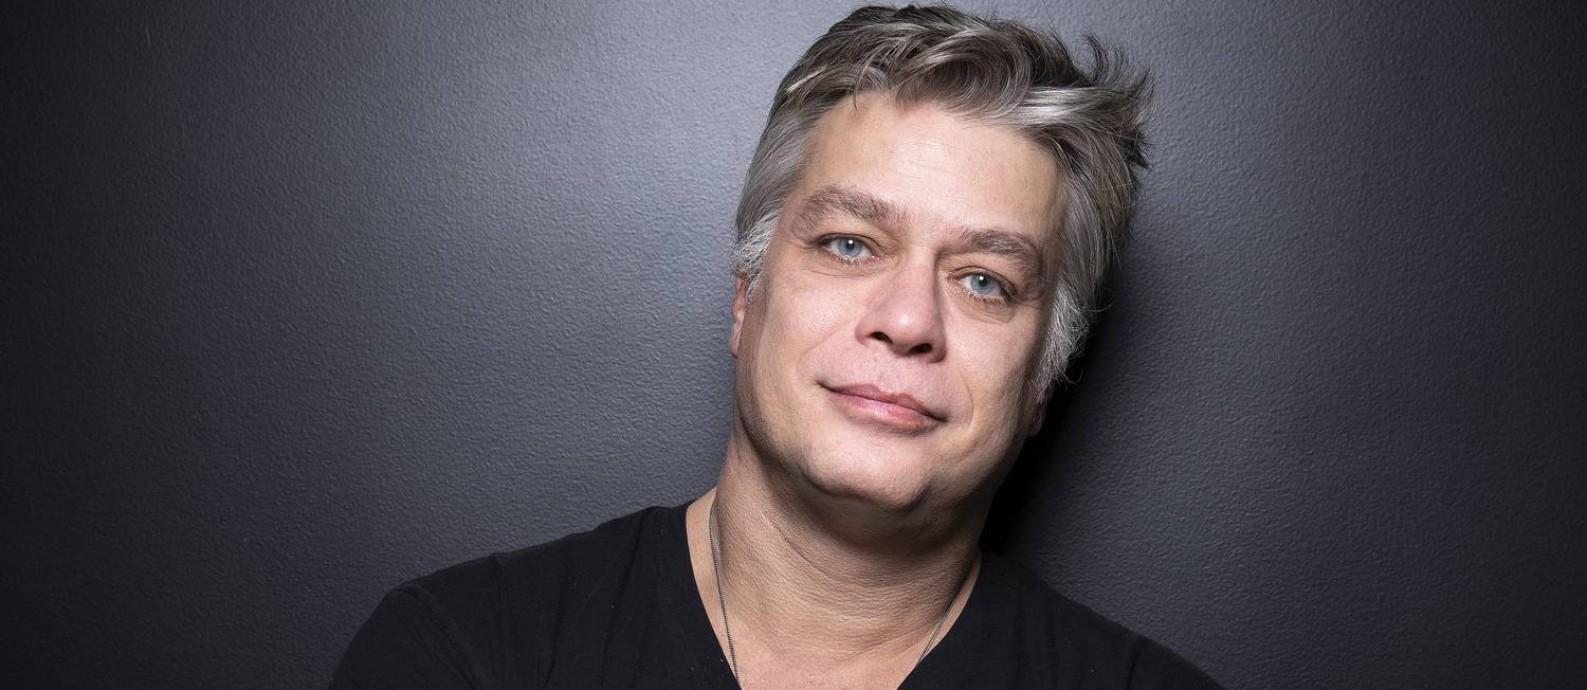 Fabio Assunção se prepara para atuar em duas séries em 2020 Foto: Leo Aversa / Agência O GLobo